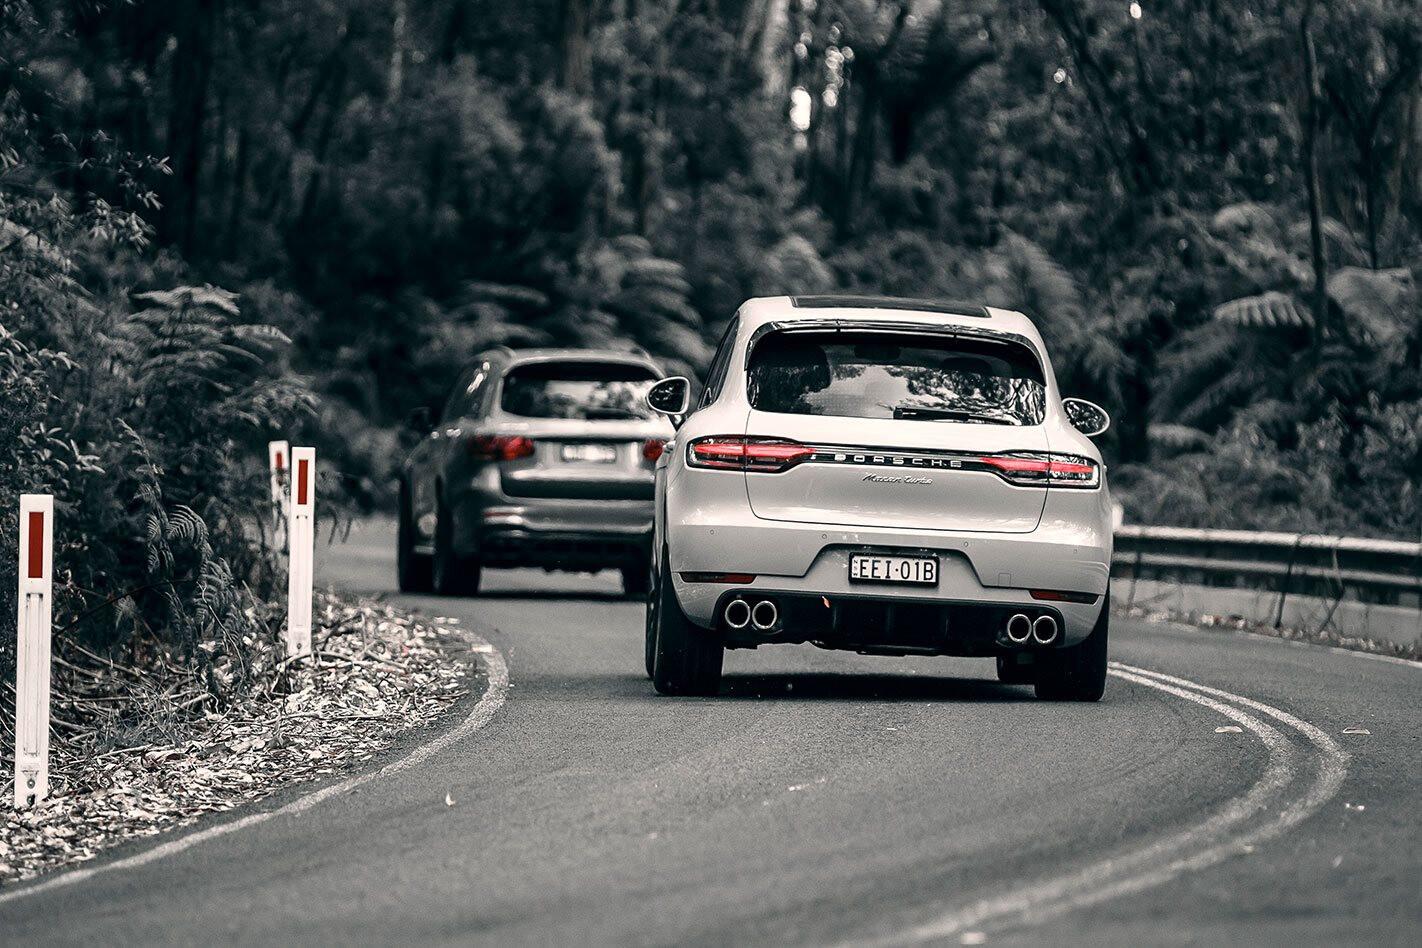 2020 Porsche Macan Turbo v 2020 Mercedes-AMG GLC63 S